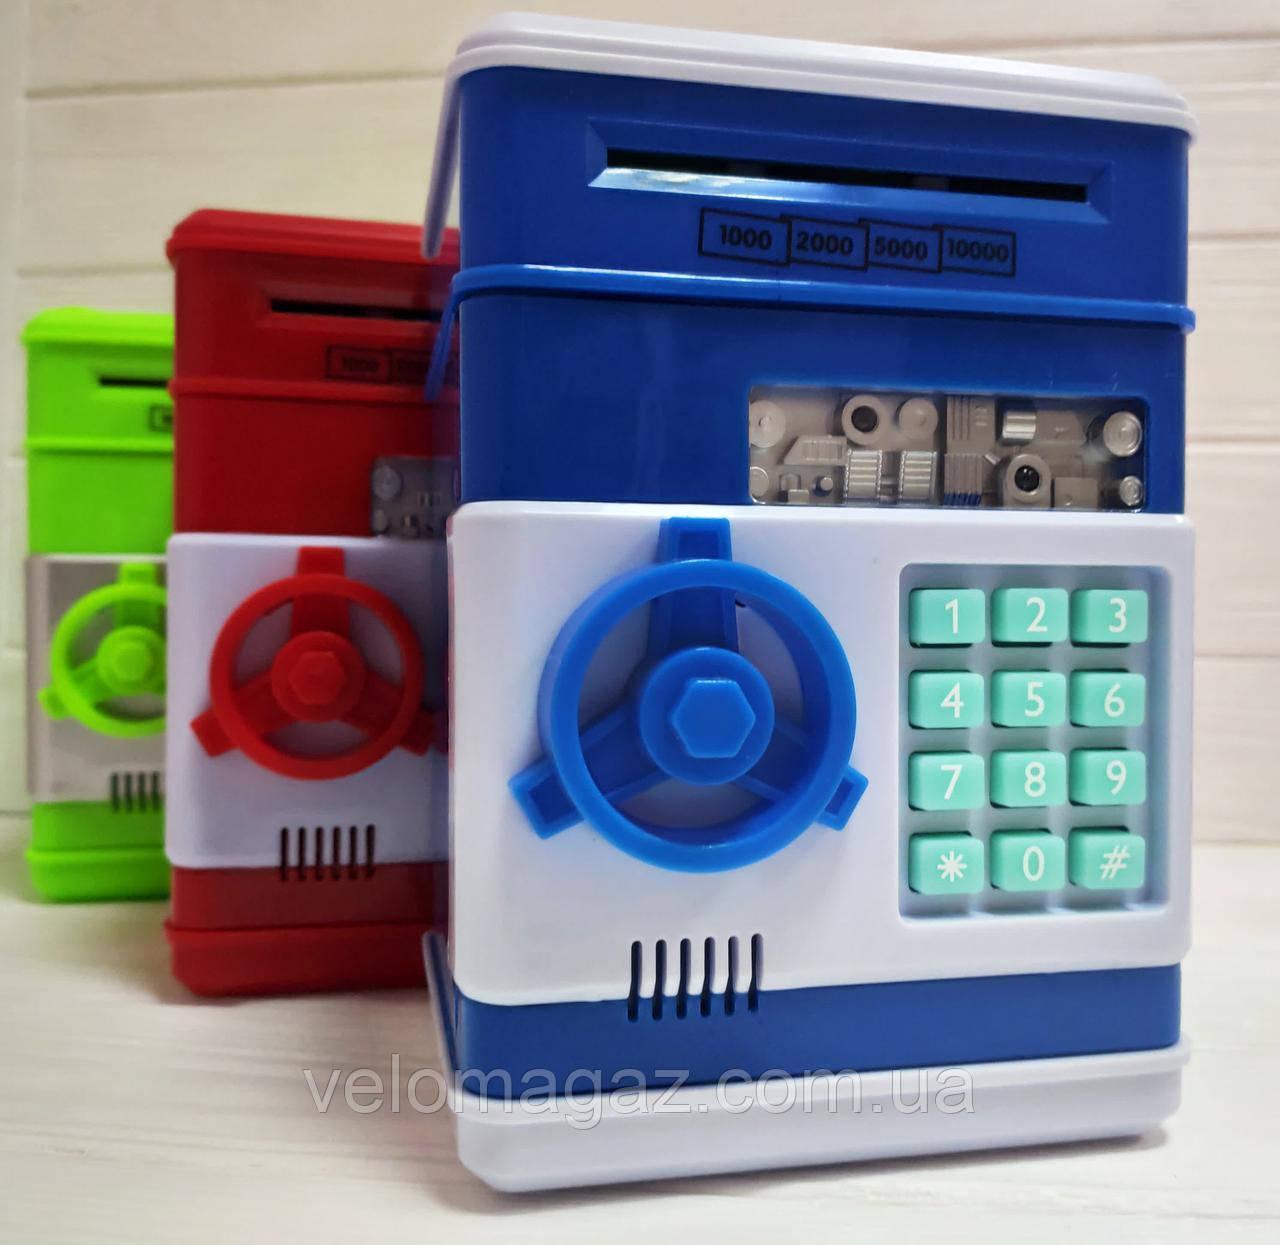 Іграшковий сейф з купюро-приймачем, світло, звук, кодовий замок